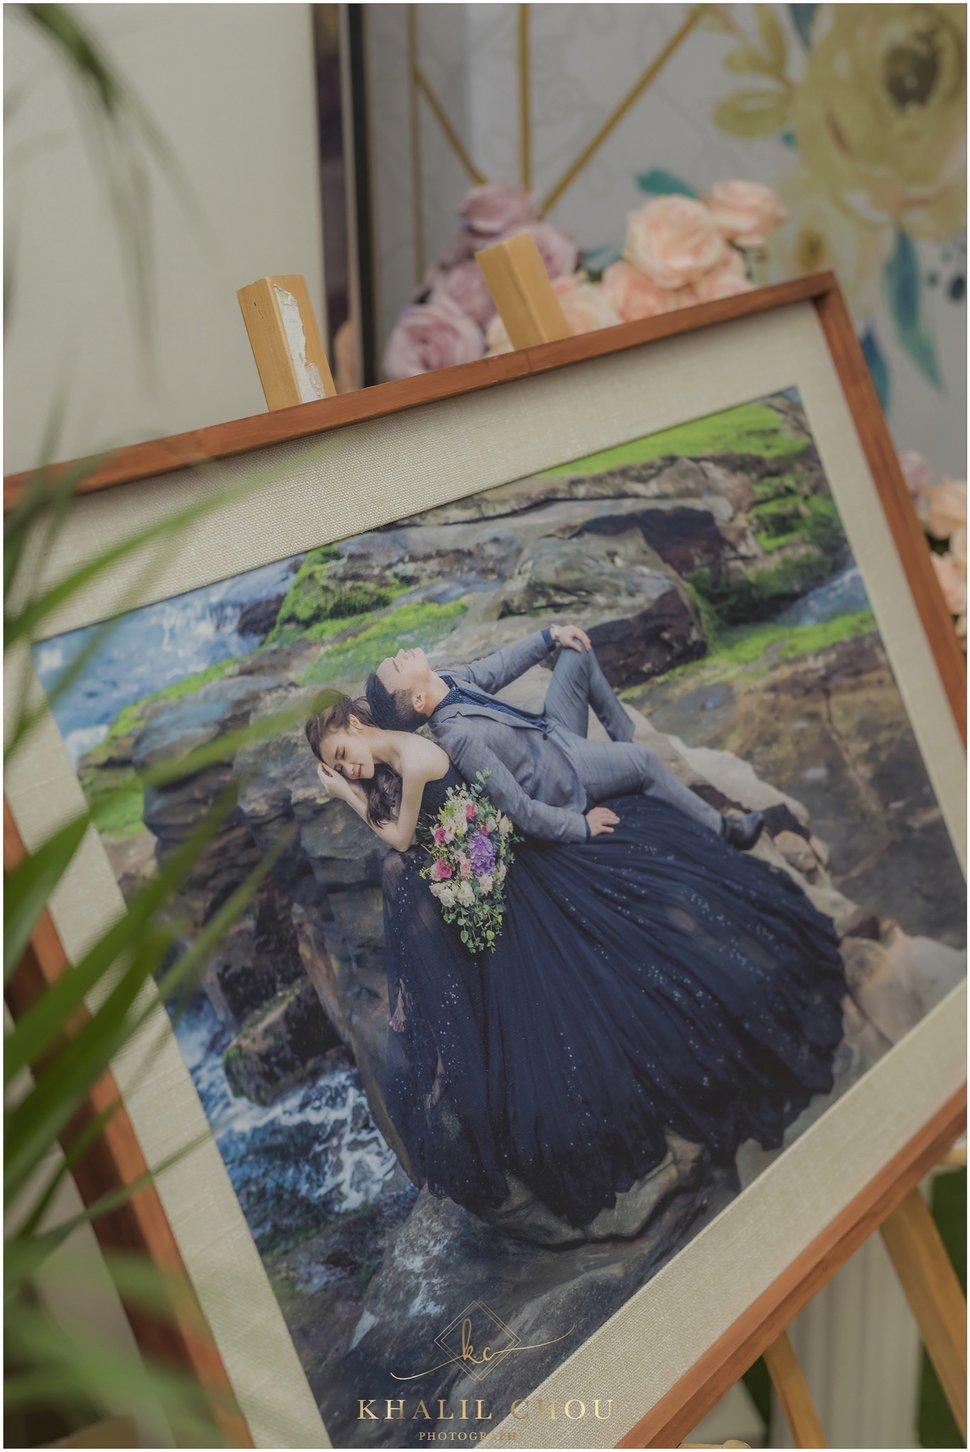 婚禮攝影-15 - 凱勒・周 獨立影像 - 結婚吧